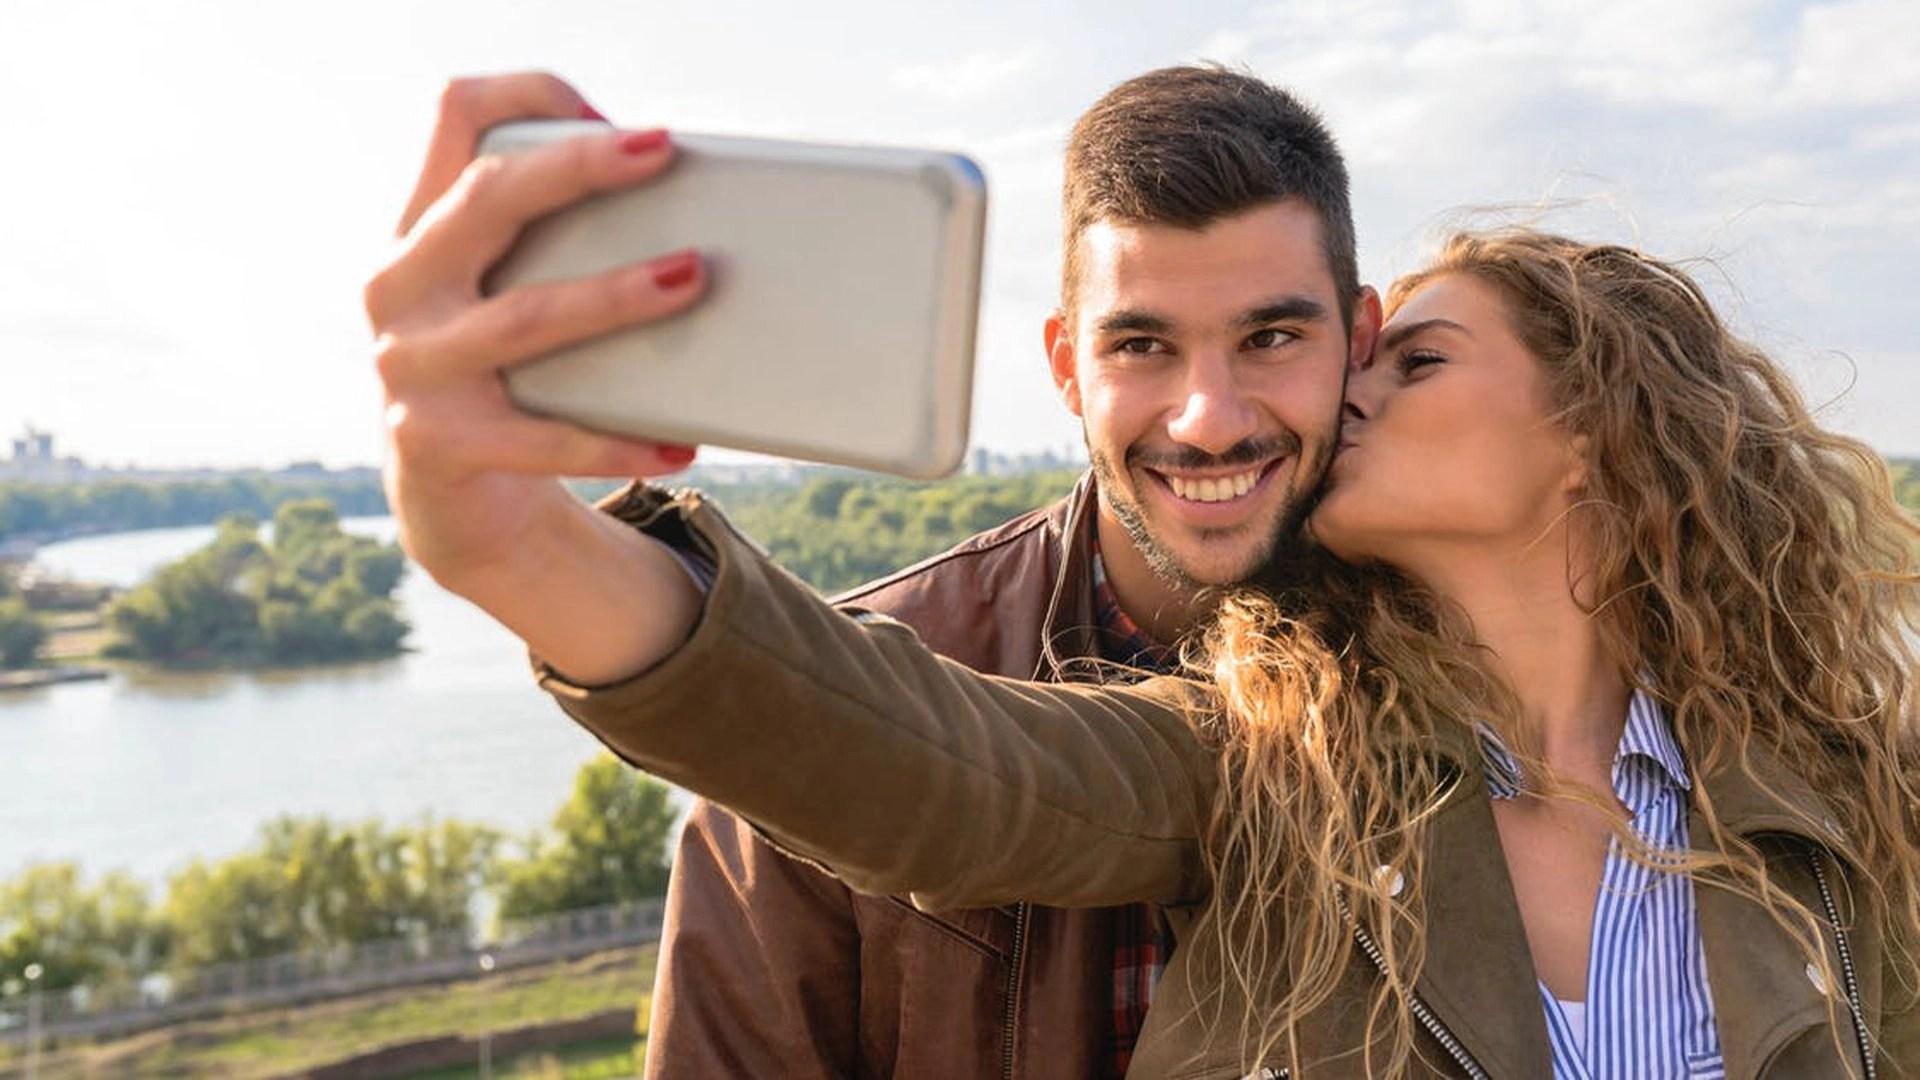 Innamoramento e Amore: una breve spiegazione neurobiologica